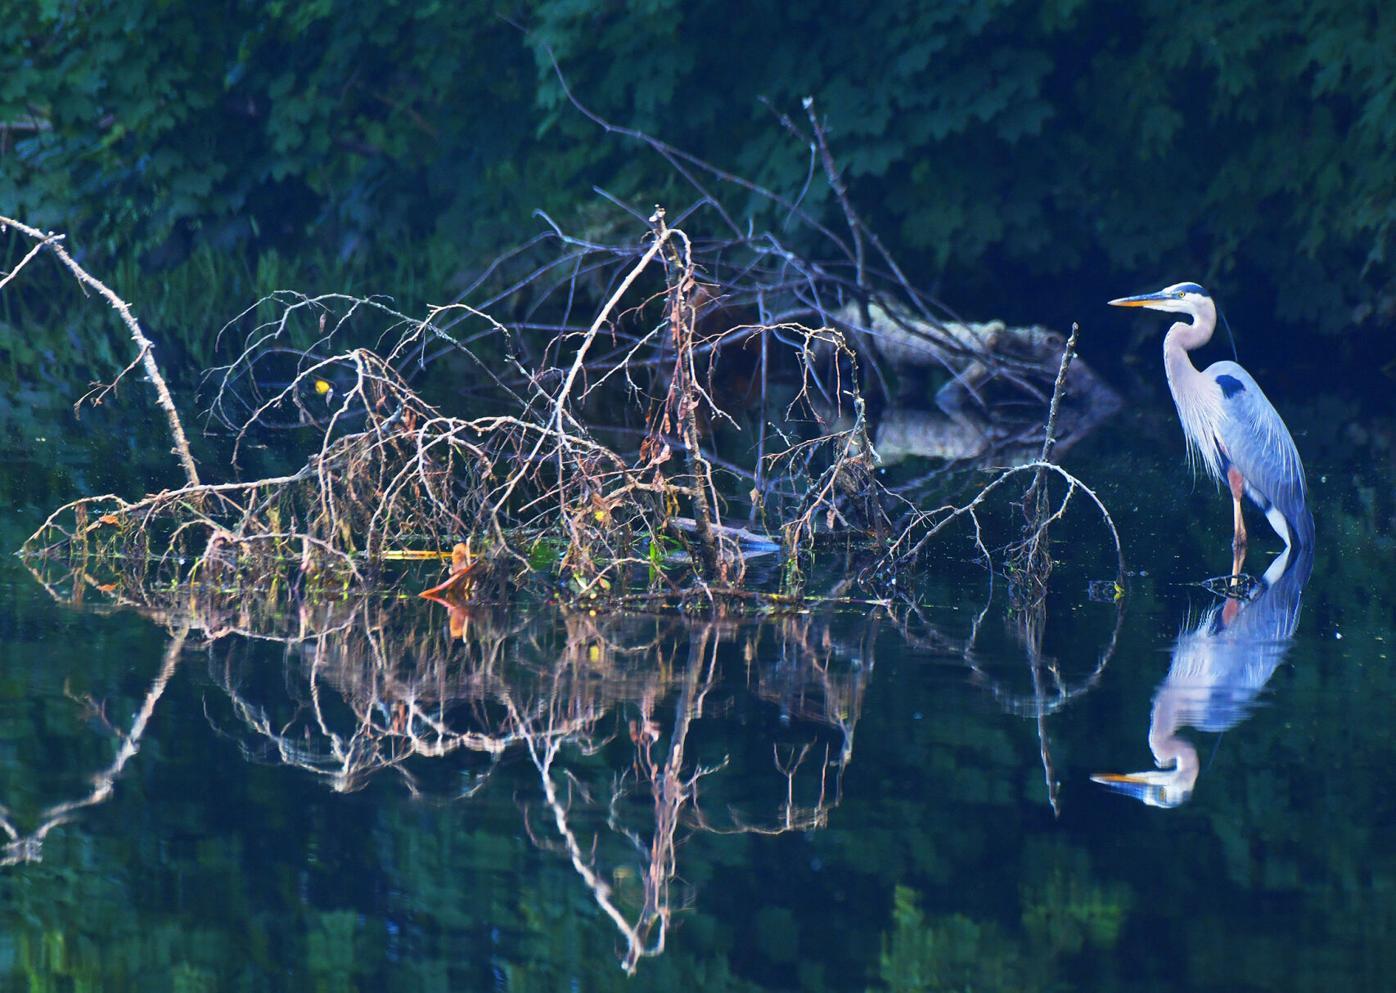 072021 The Blue Lagoon 01.jpg